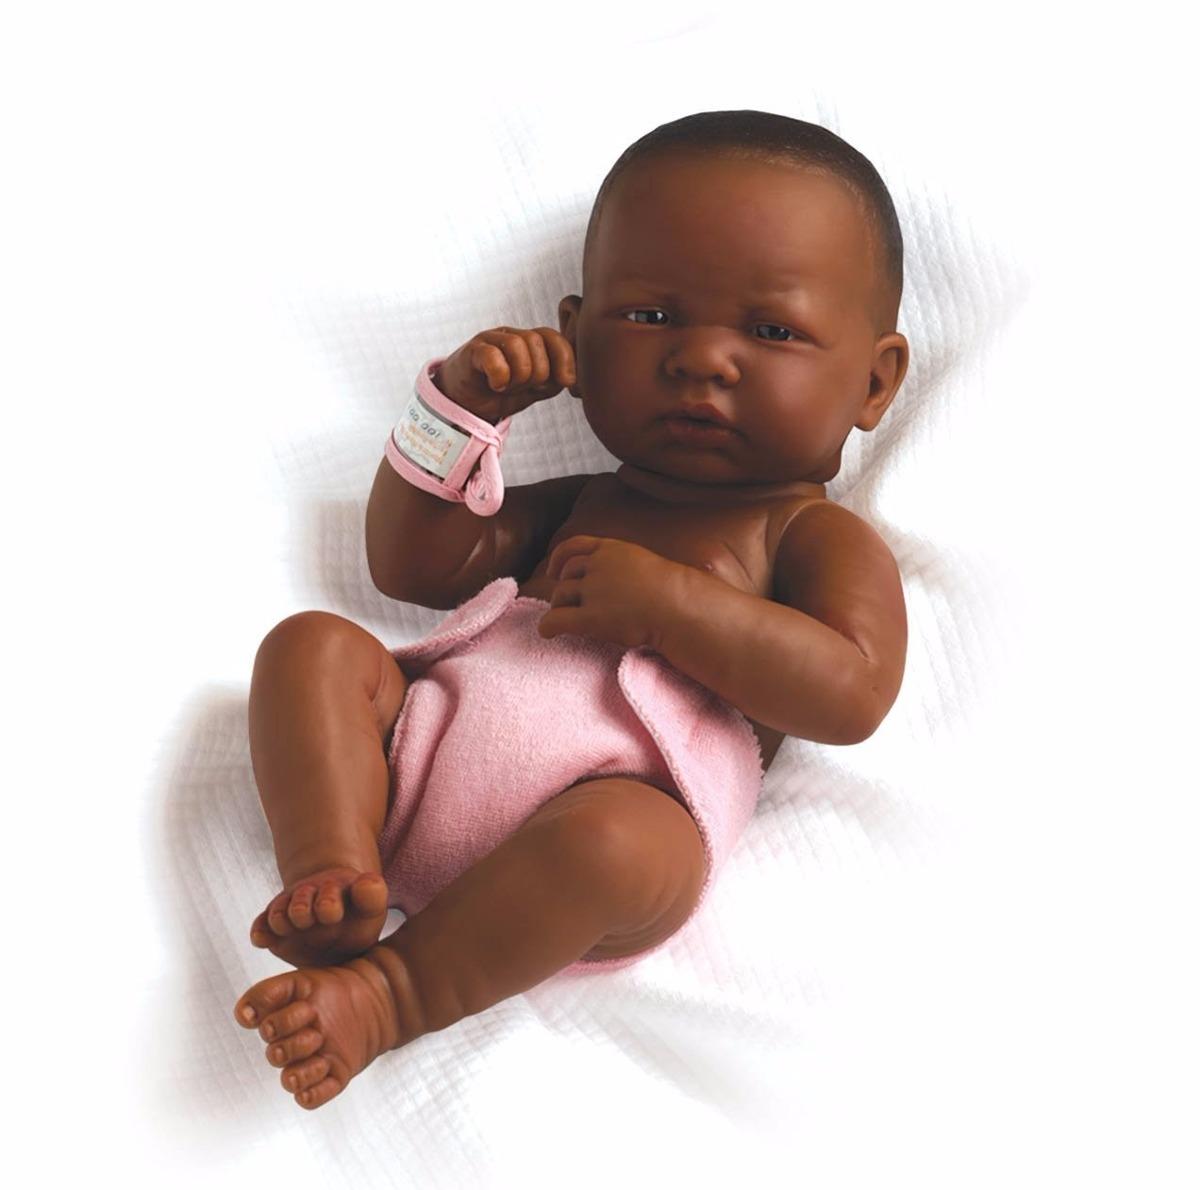 Boneca Tipo Reborn Negra Frete Gr 225 Tis R 749 99 Em